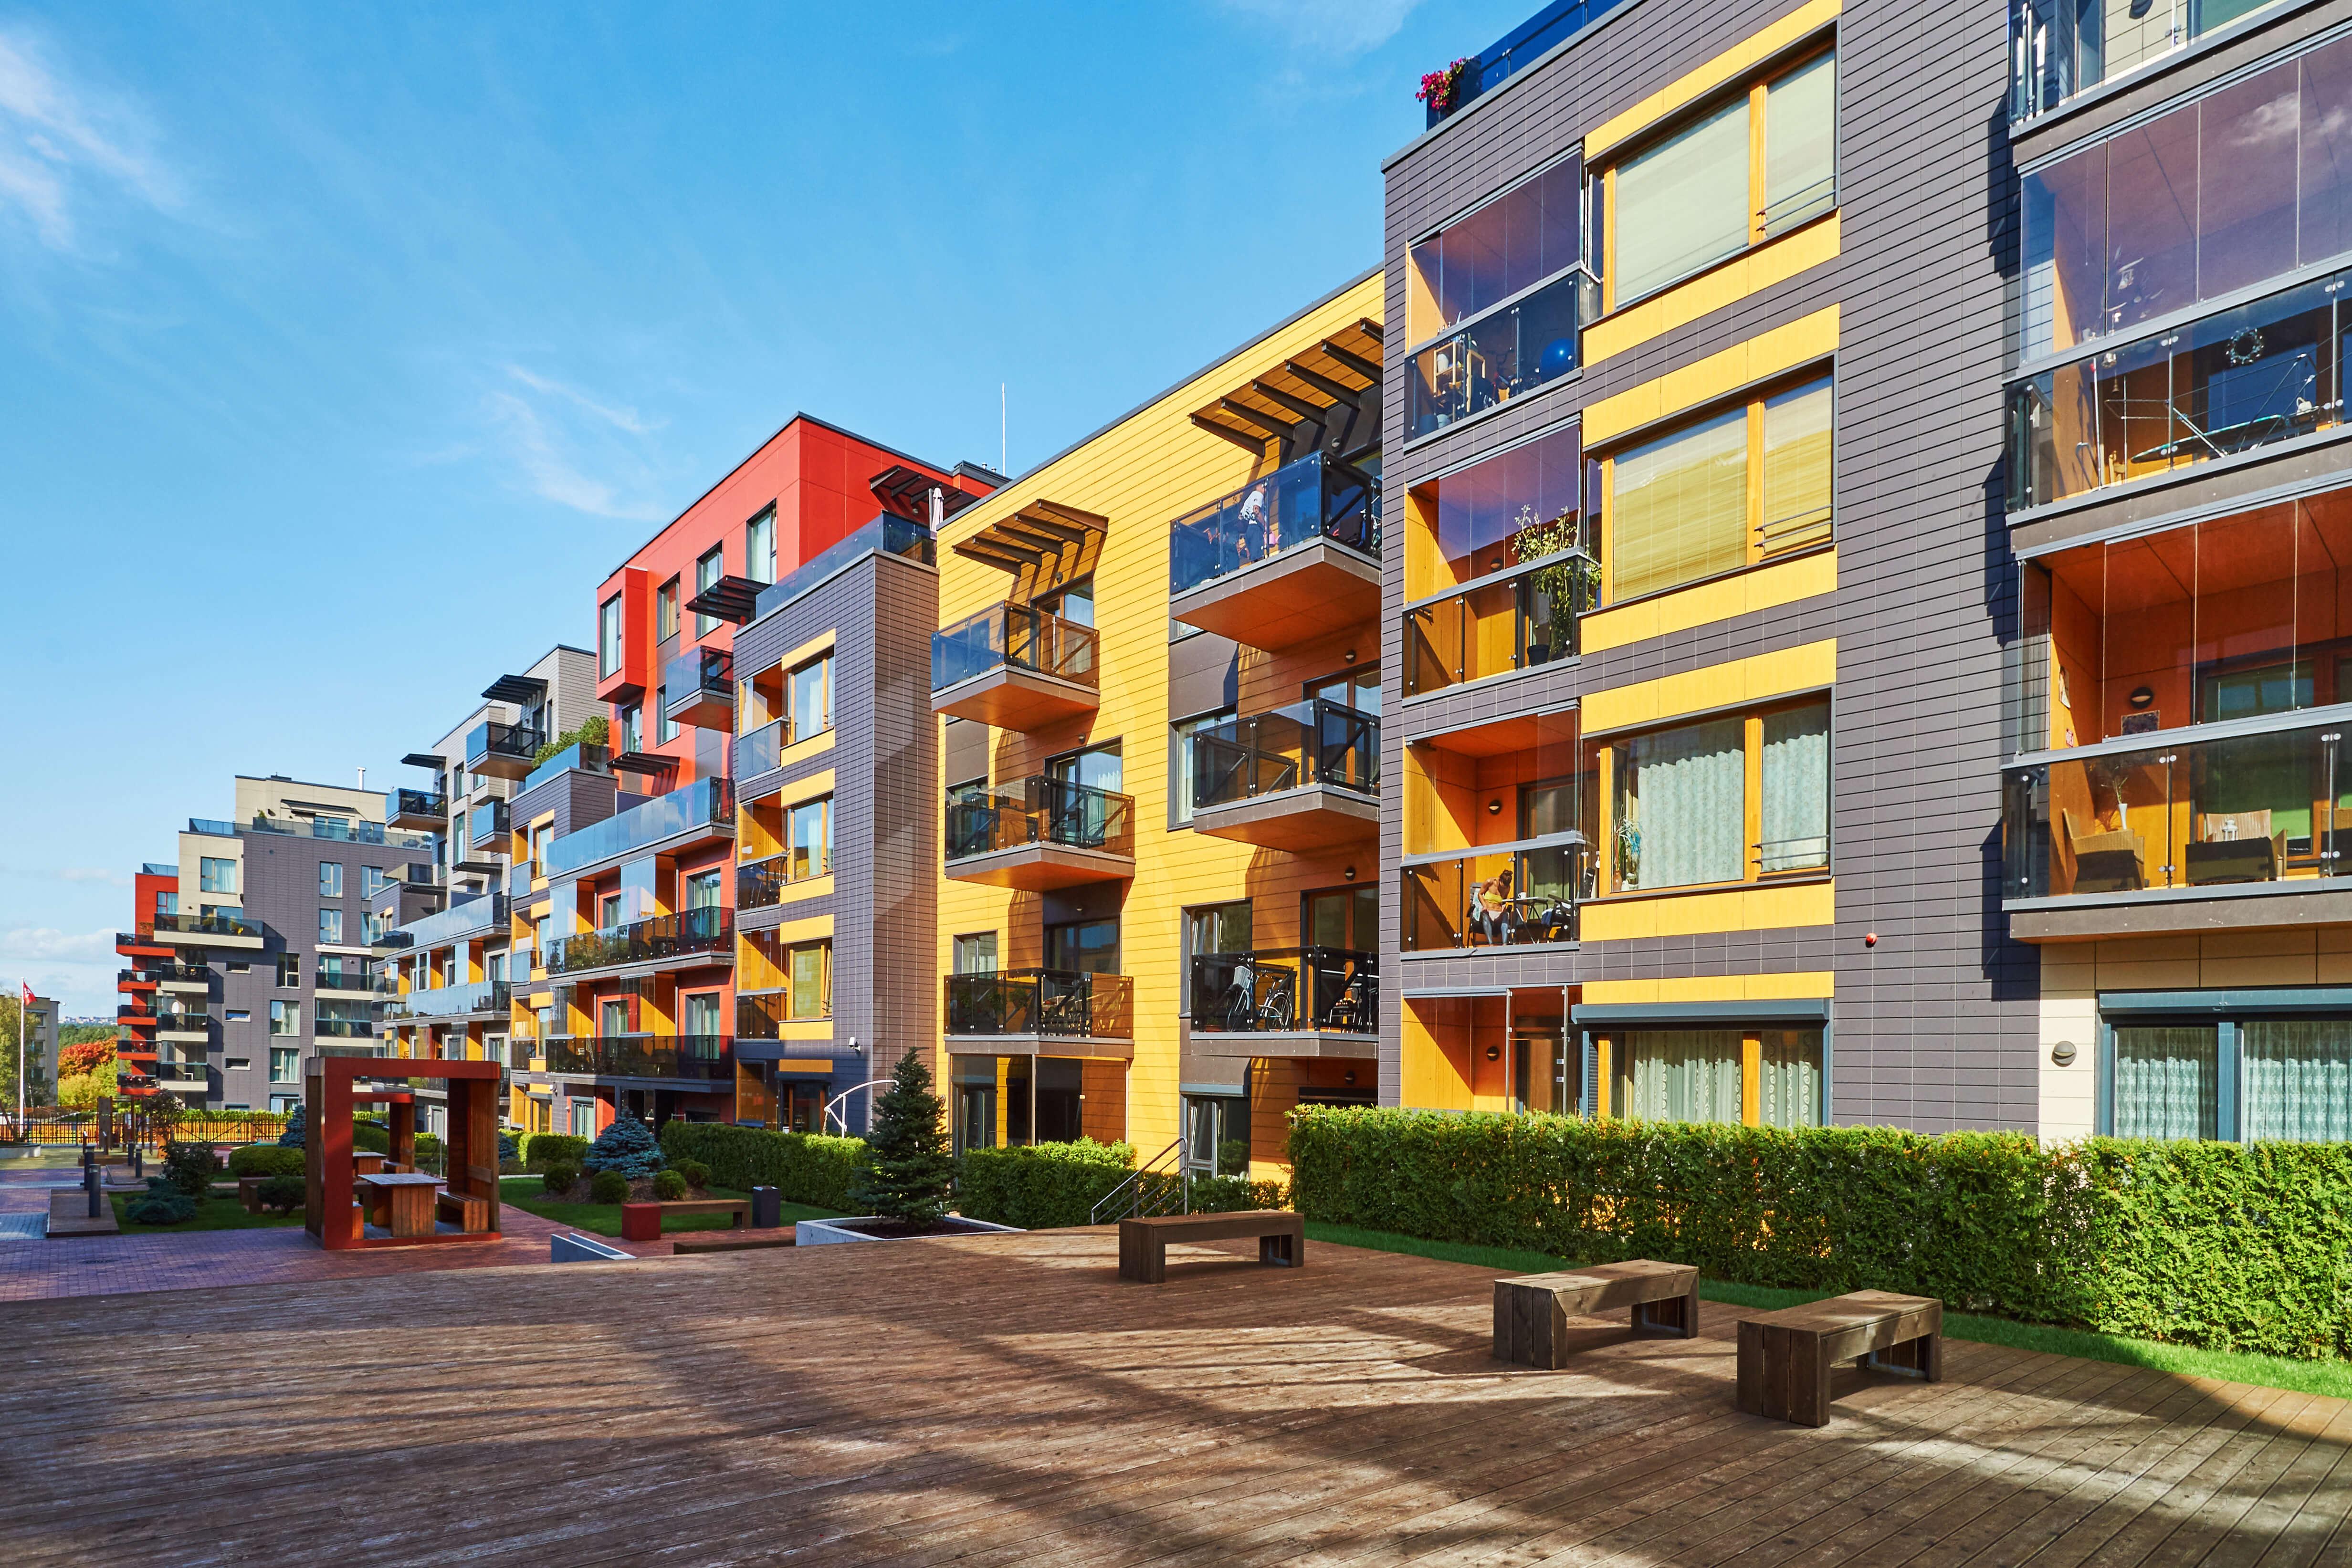 Élj az egyetem közelében, új építésű otthonban!